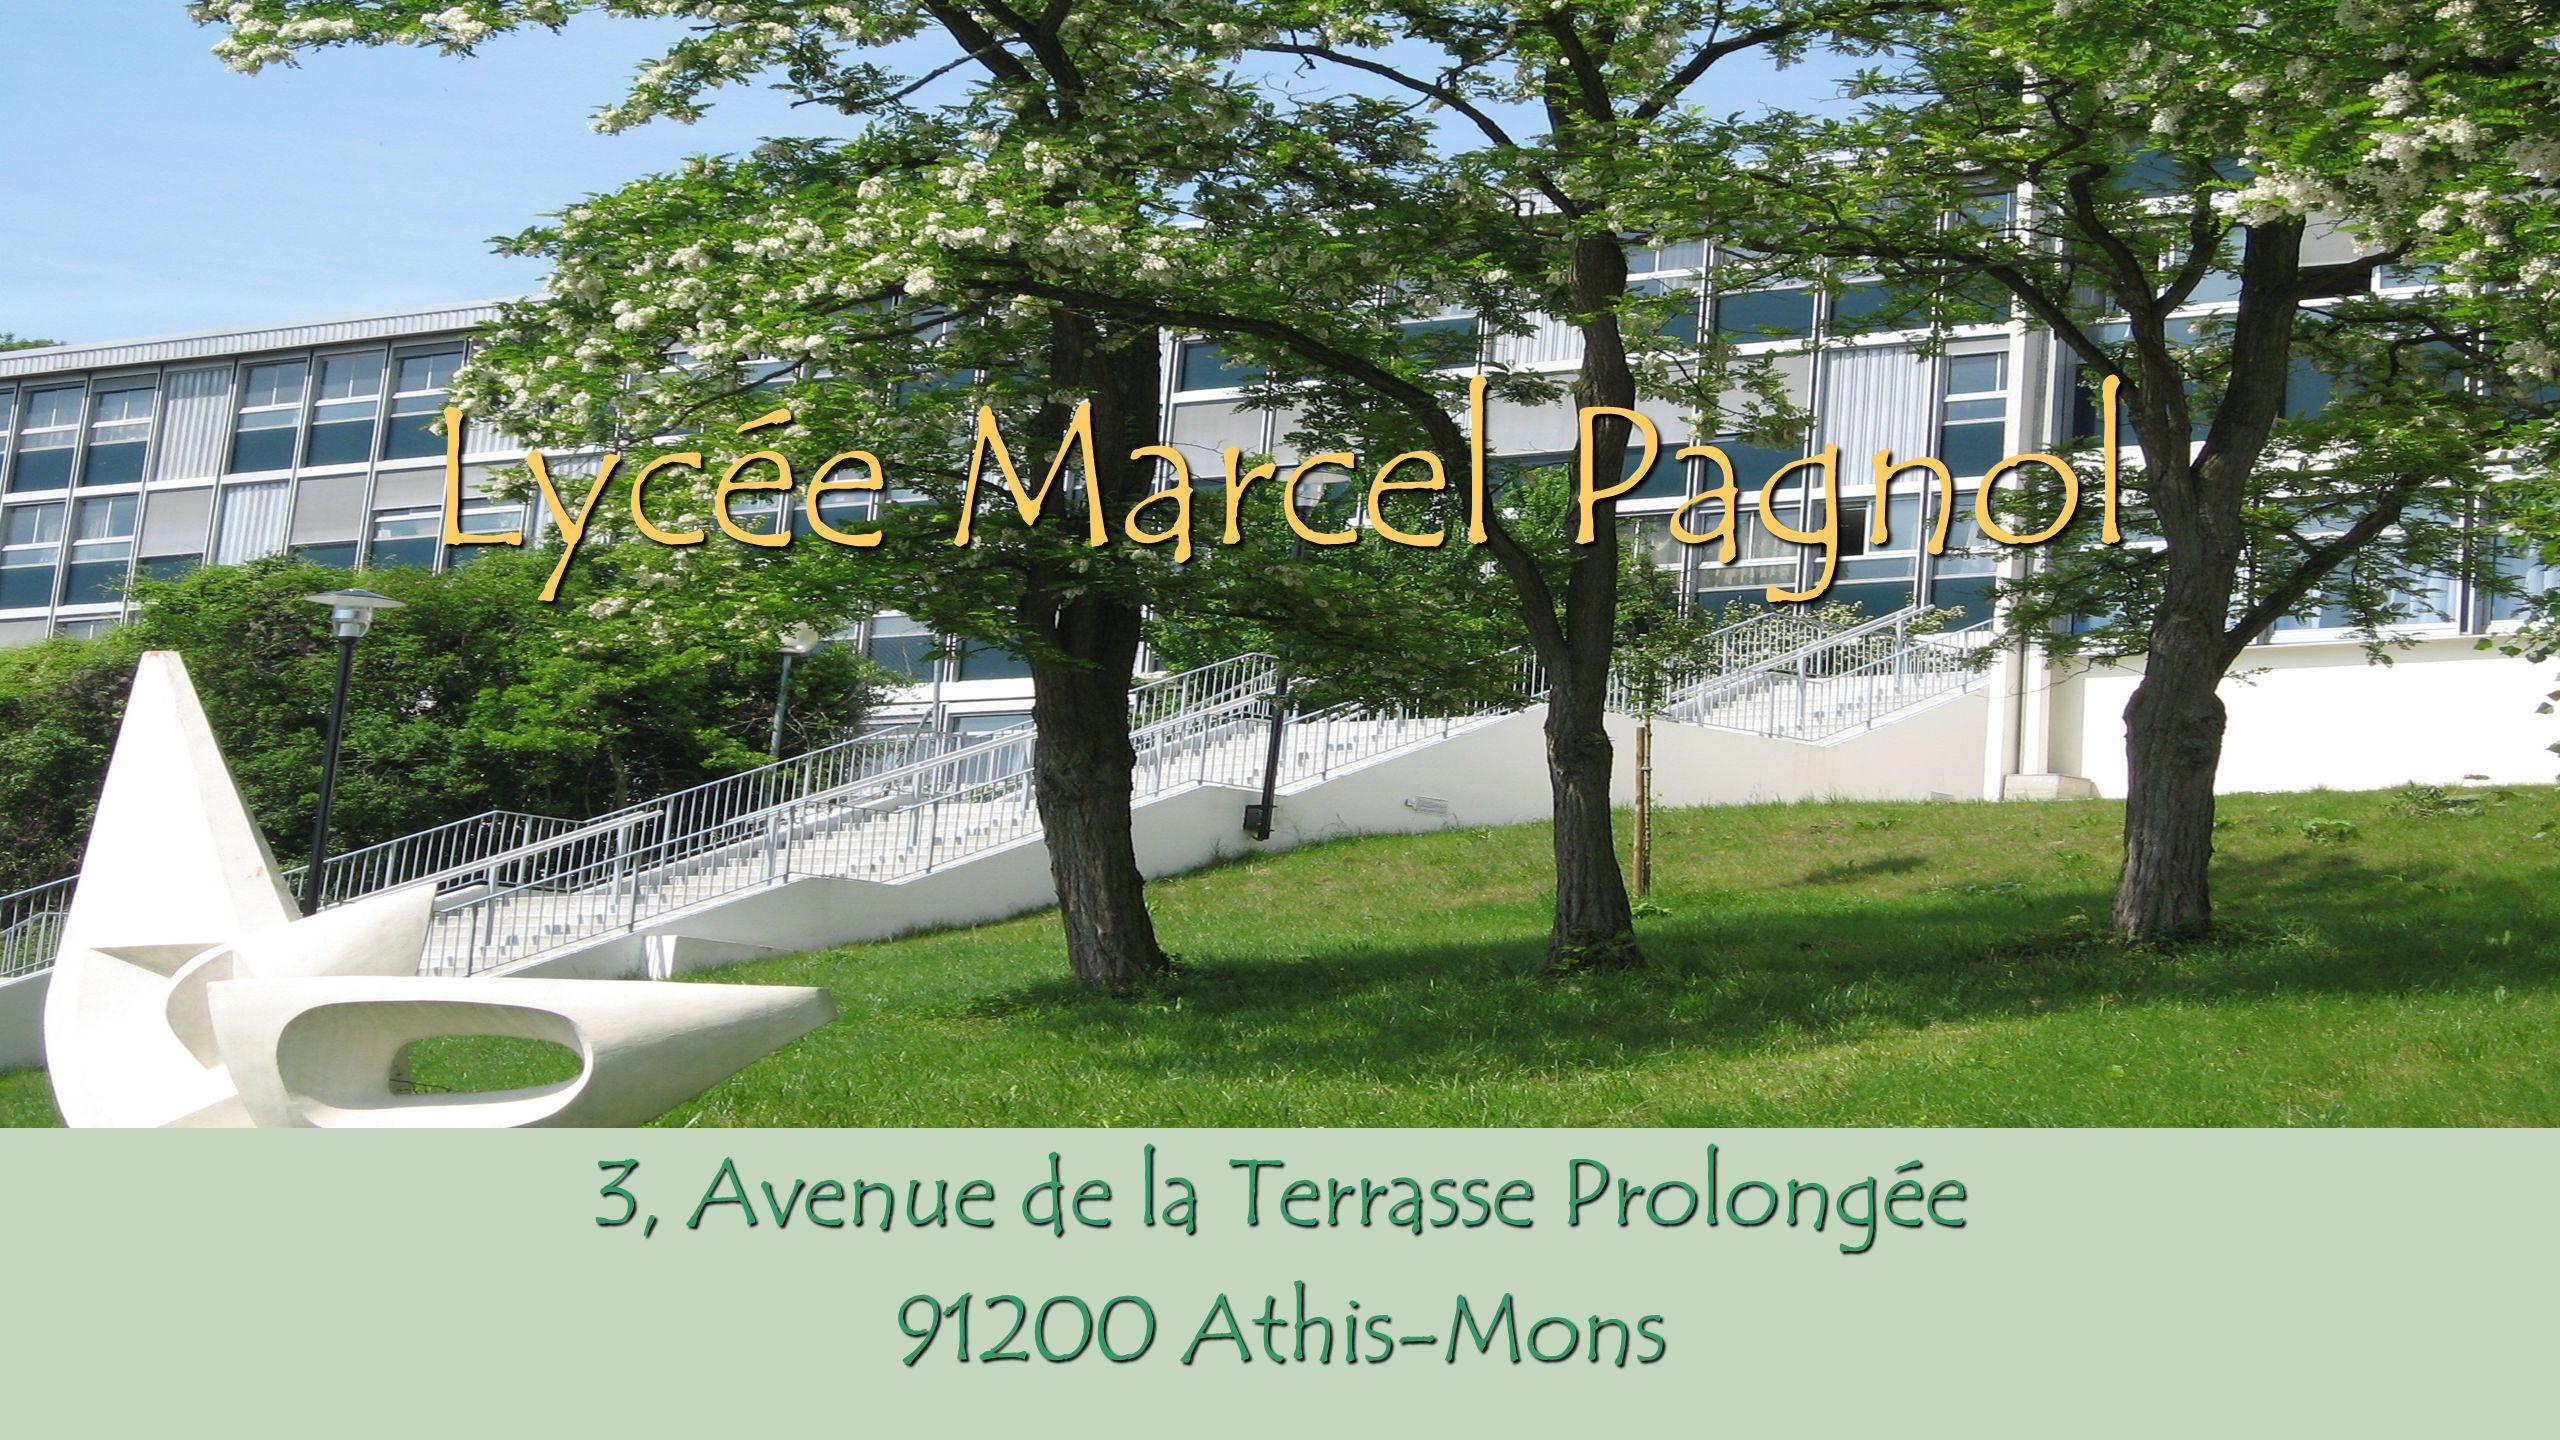 Le lycée Marcel Pagnol c'est aussi un site Internet ! http://lyc-pagnol-athis.ac-versailles.fr